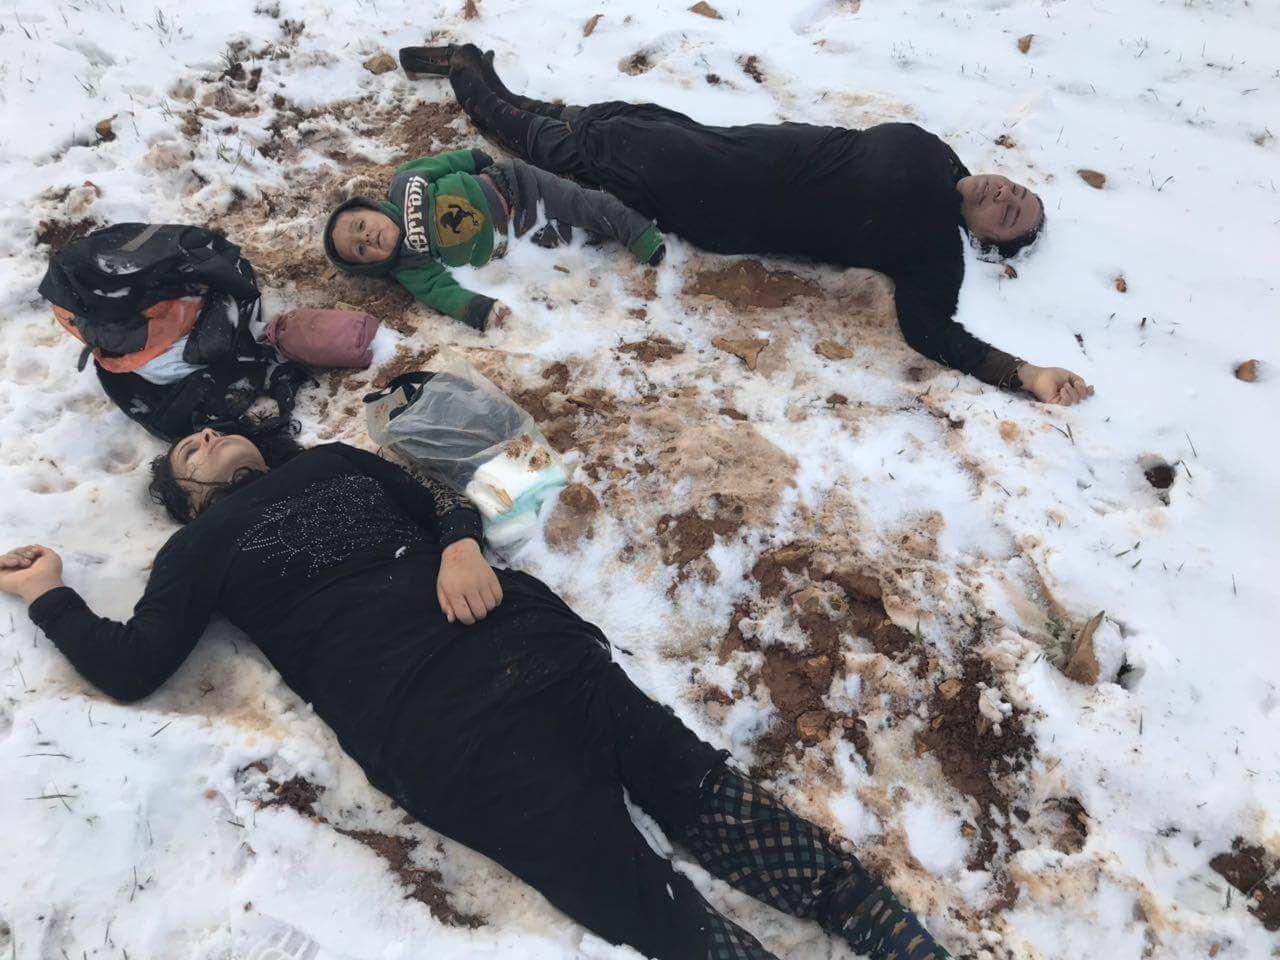 syrians freezing in lebanon